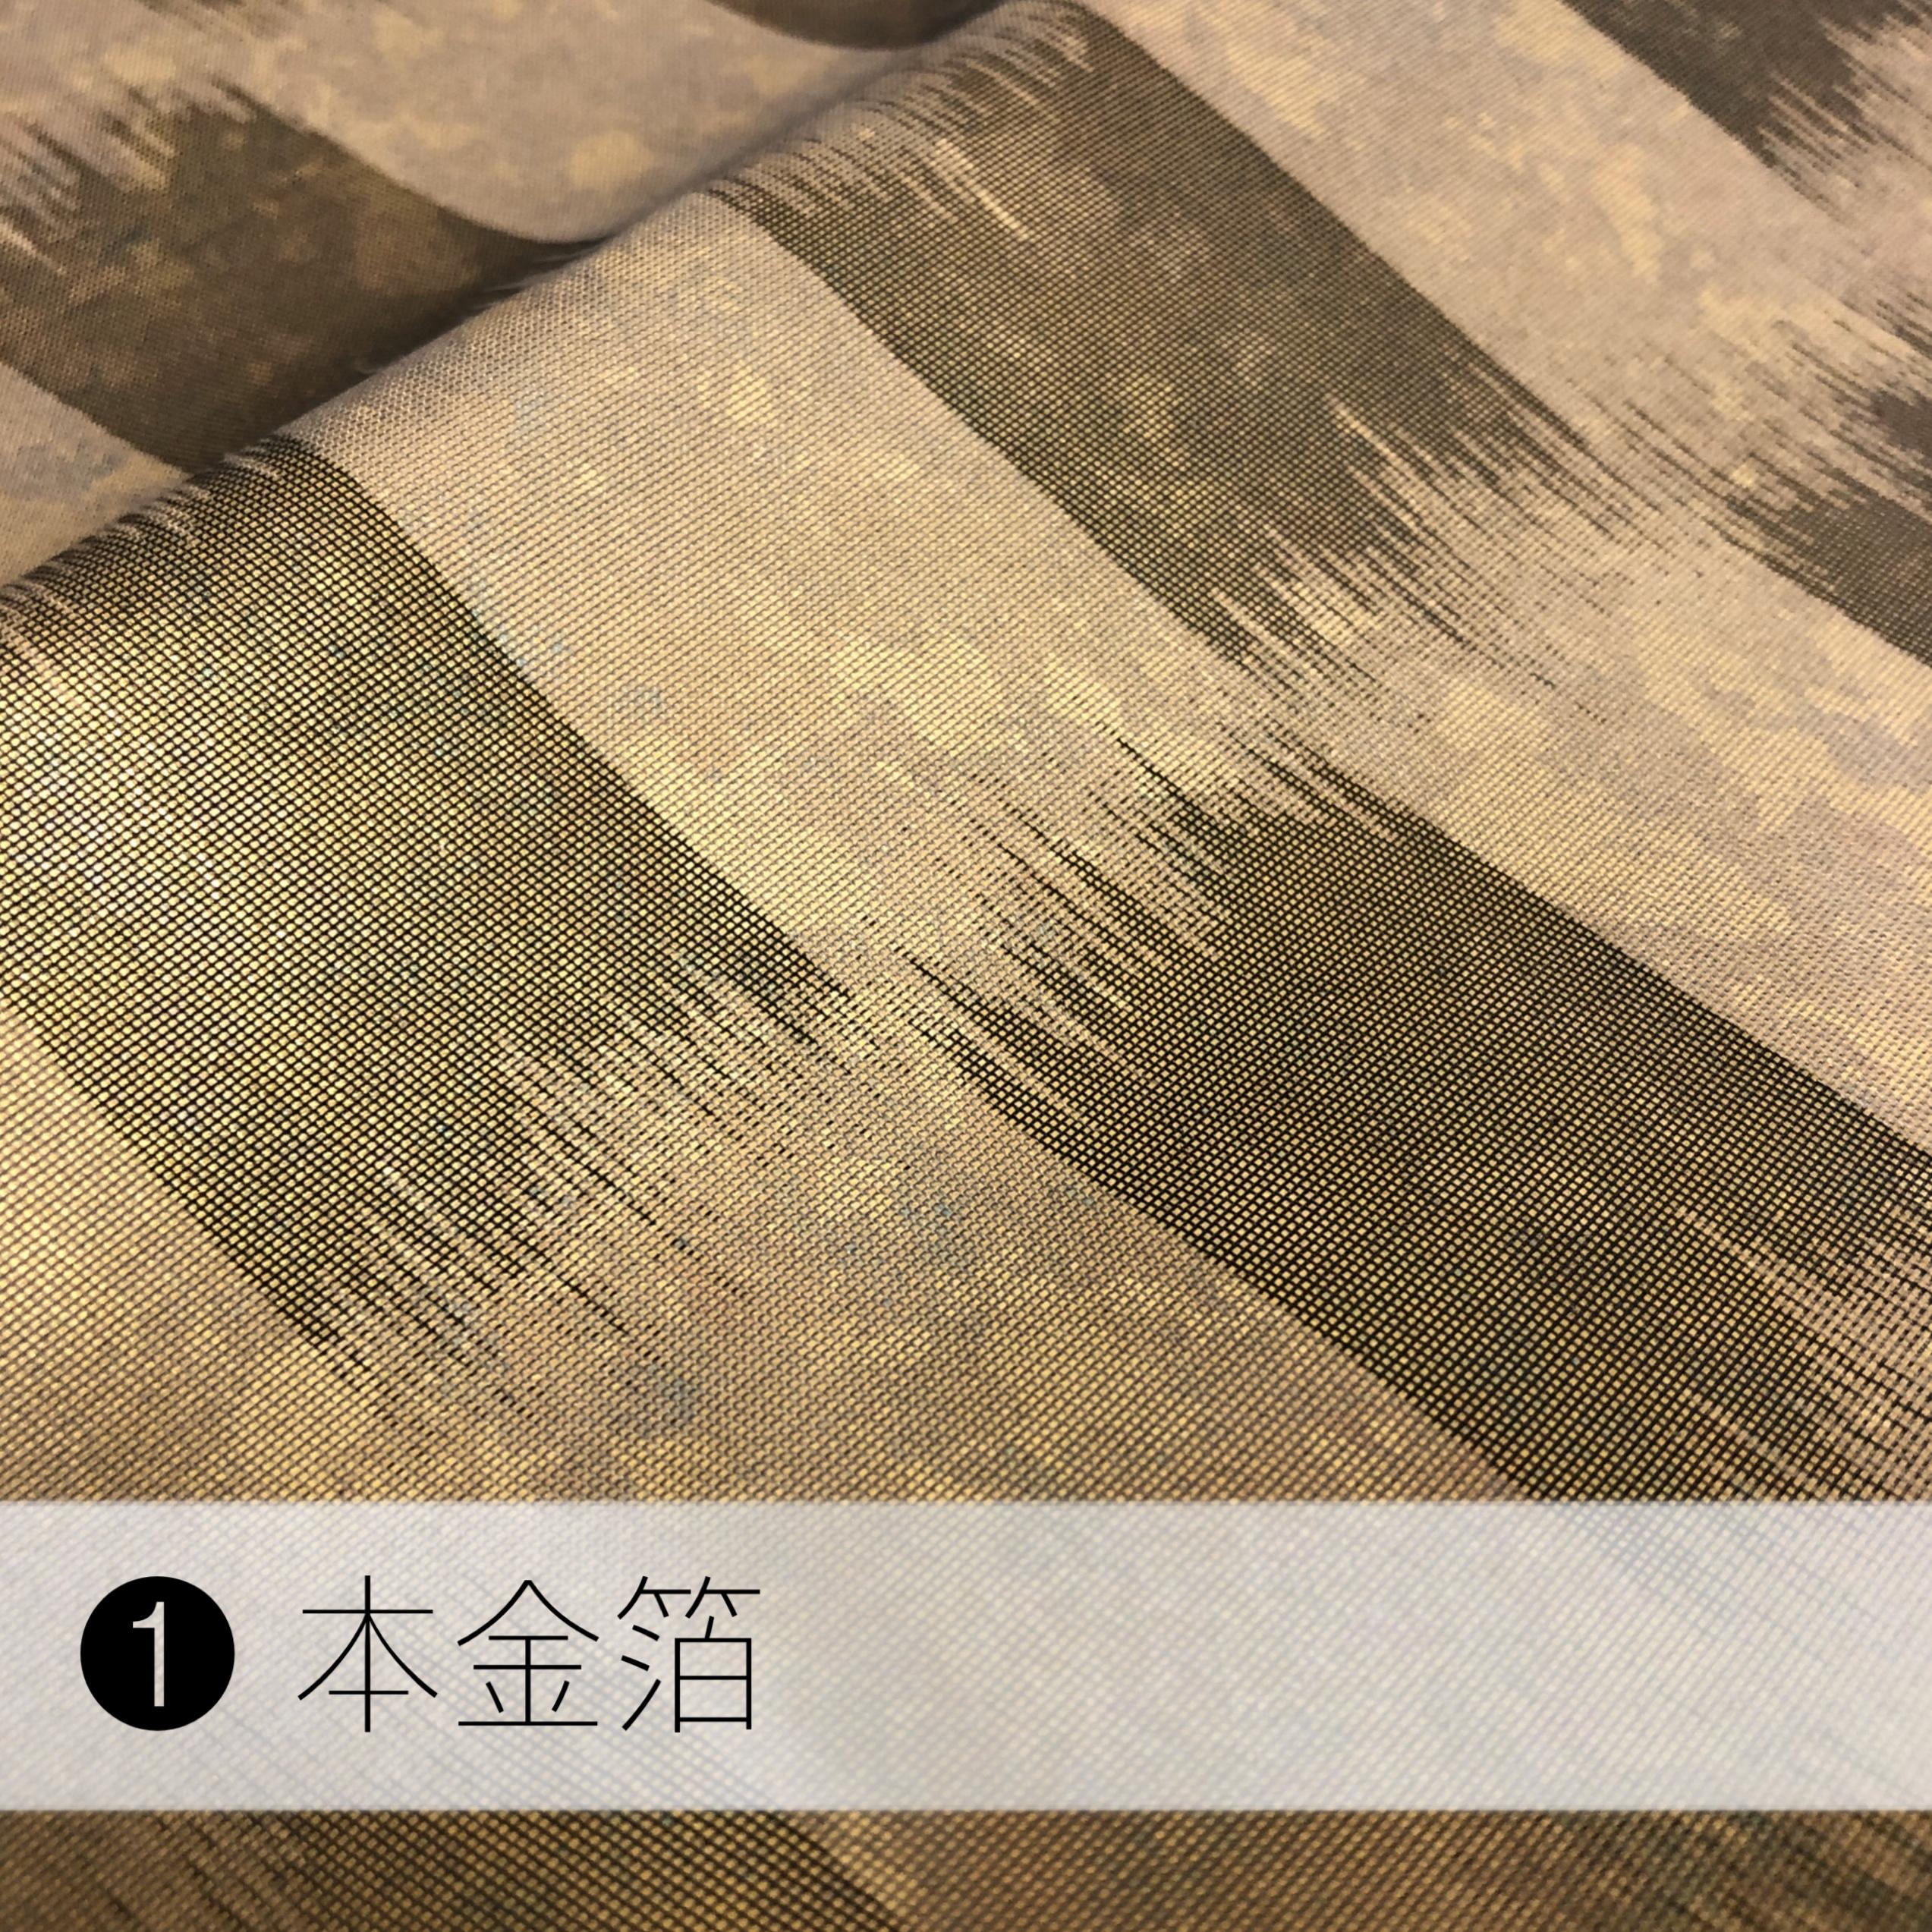 リッチバレッタ/最高級生地を使用!本金箔/プラチナ箔/着物(浴衣/和装/和服)に似合うヘアアクセサリー